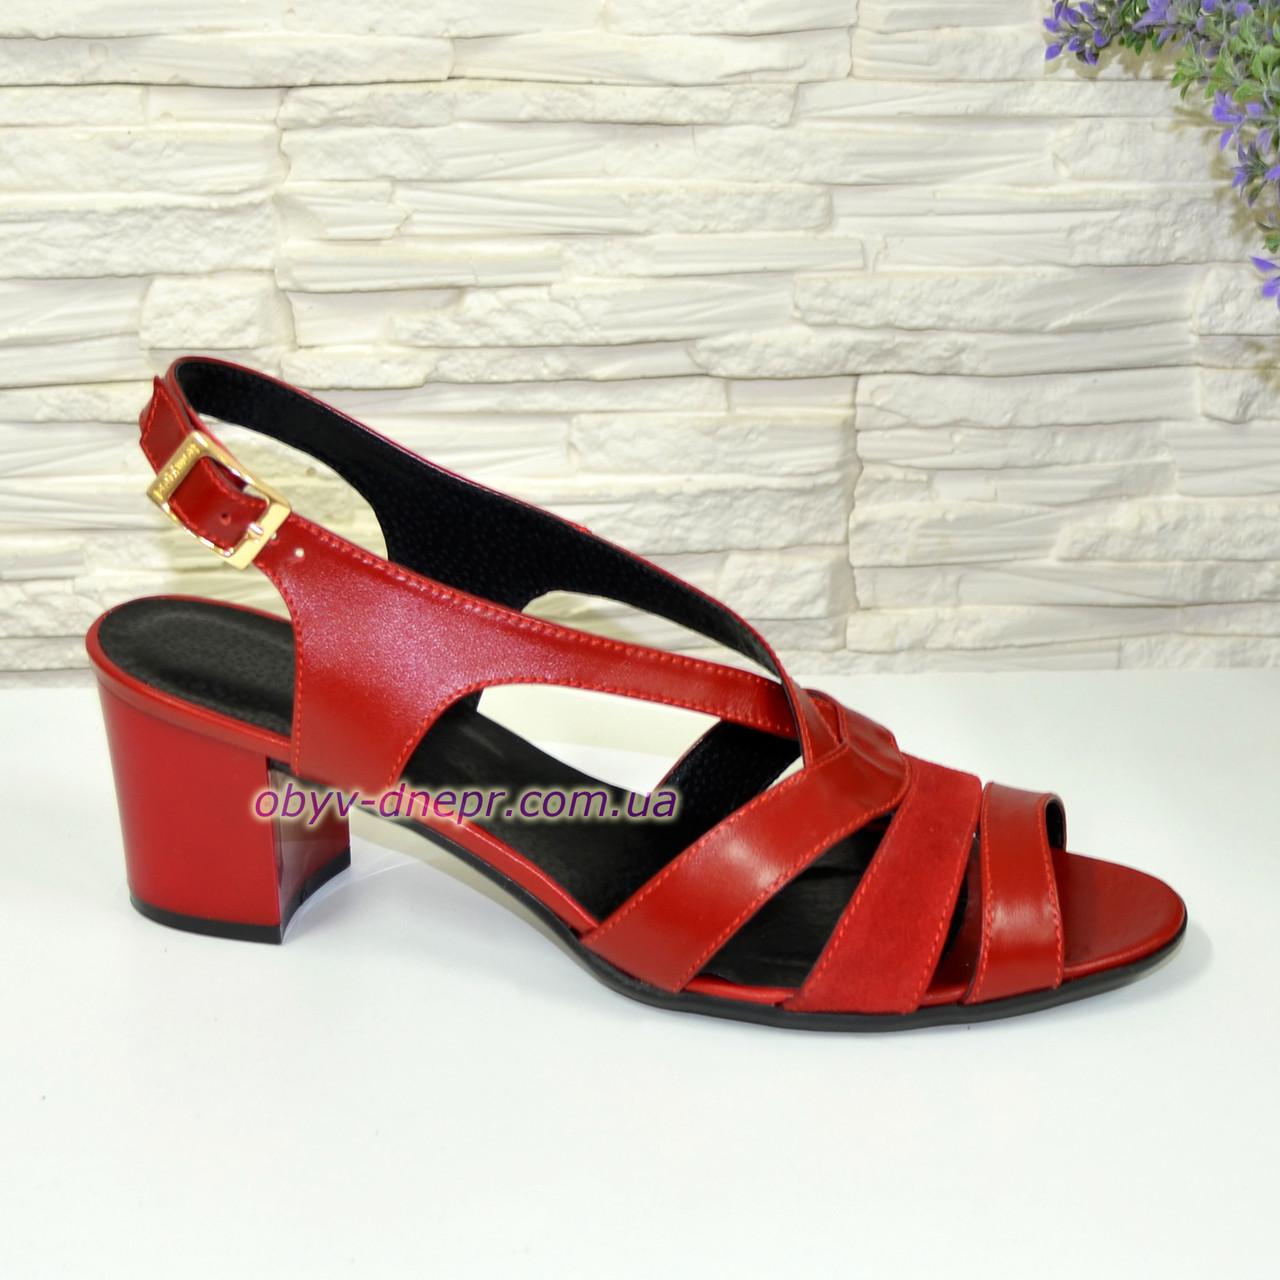 Босоножки красные женские на устойчивом каблуке, натуральная кожа и замша